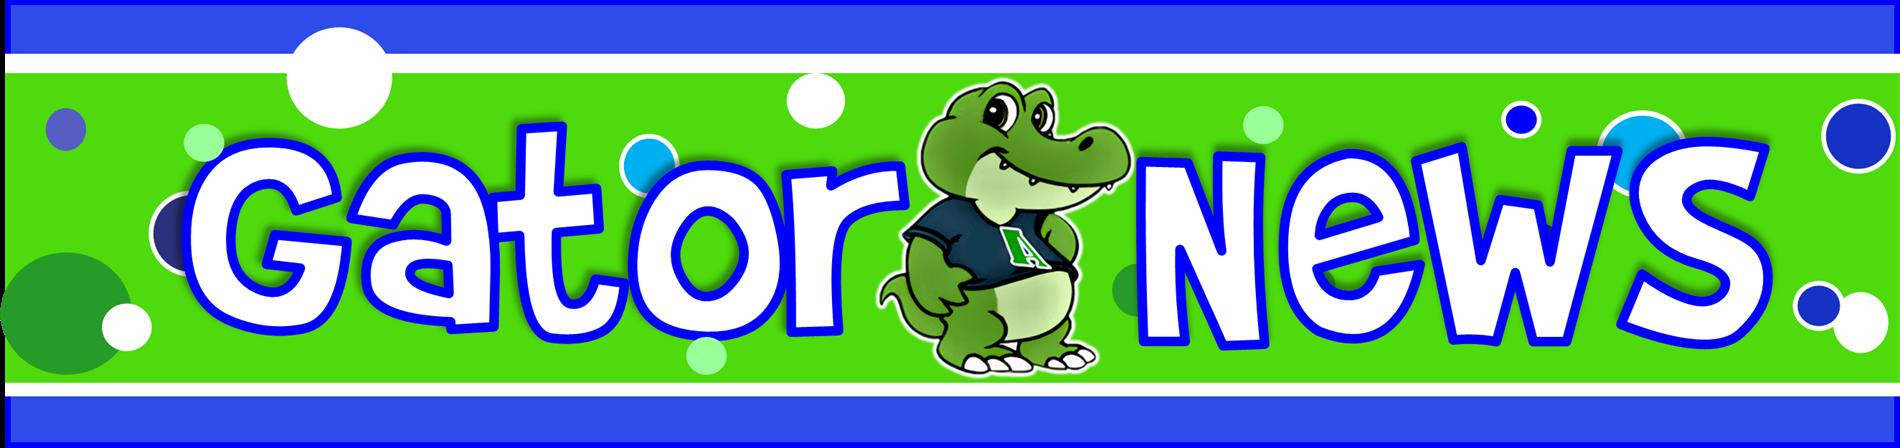 Gator News